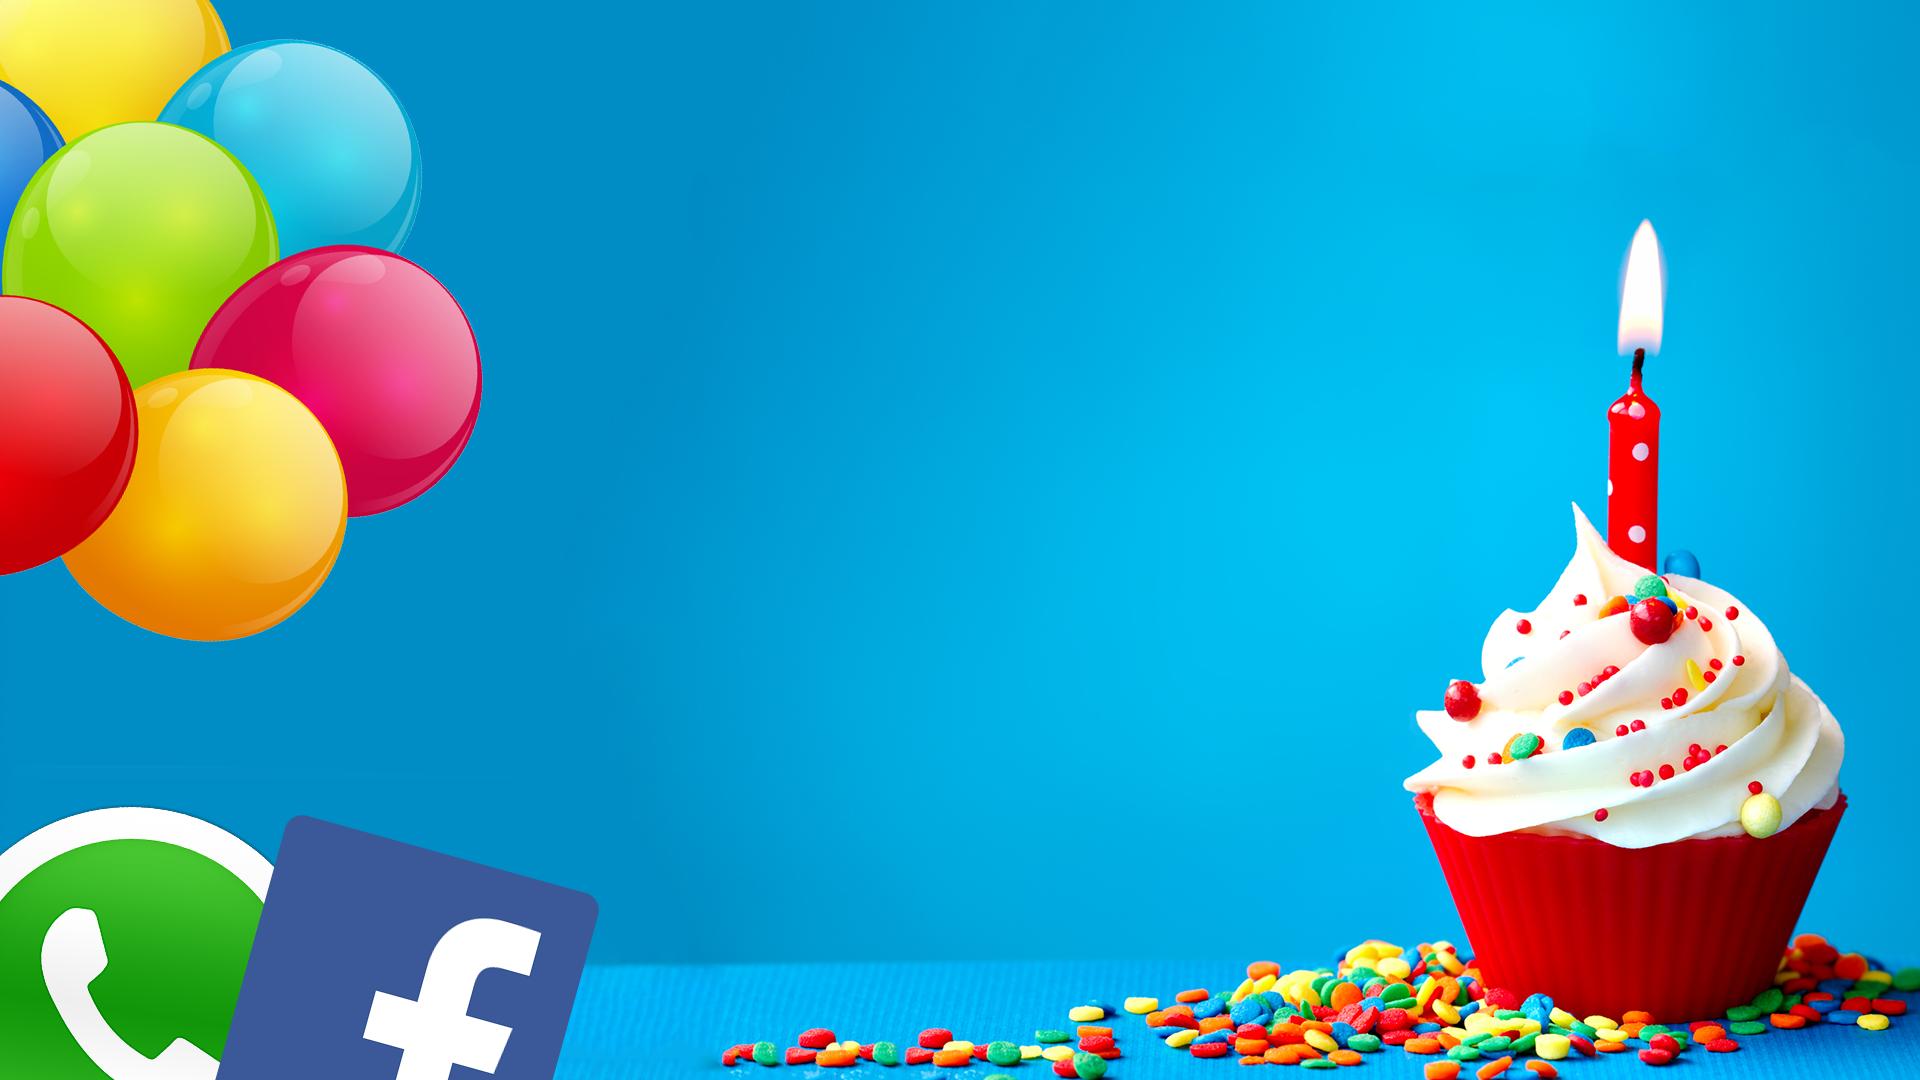 Geburtstagsgrusse Und Wunsche Fur Whatsapp Facebook Co Giga